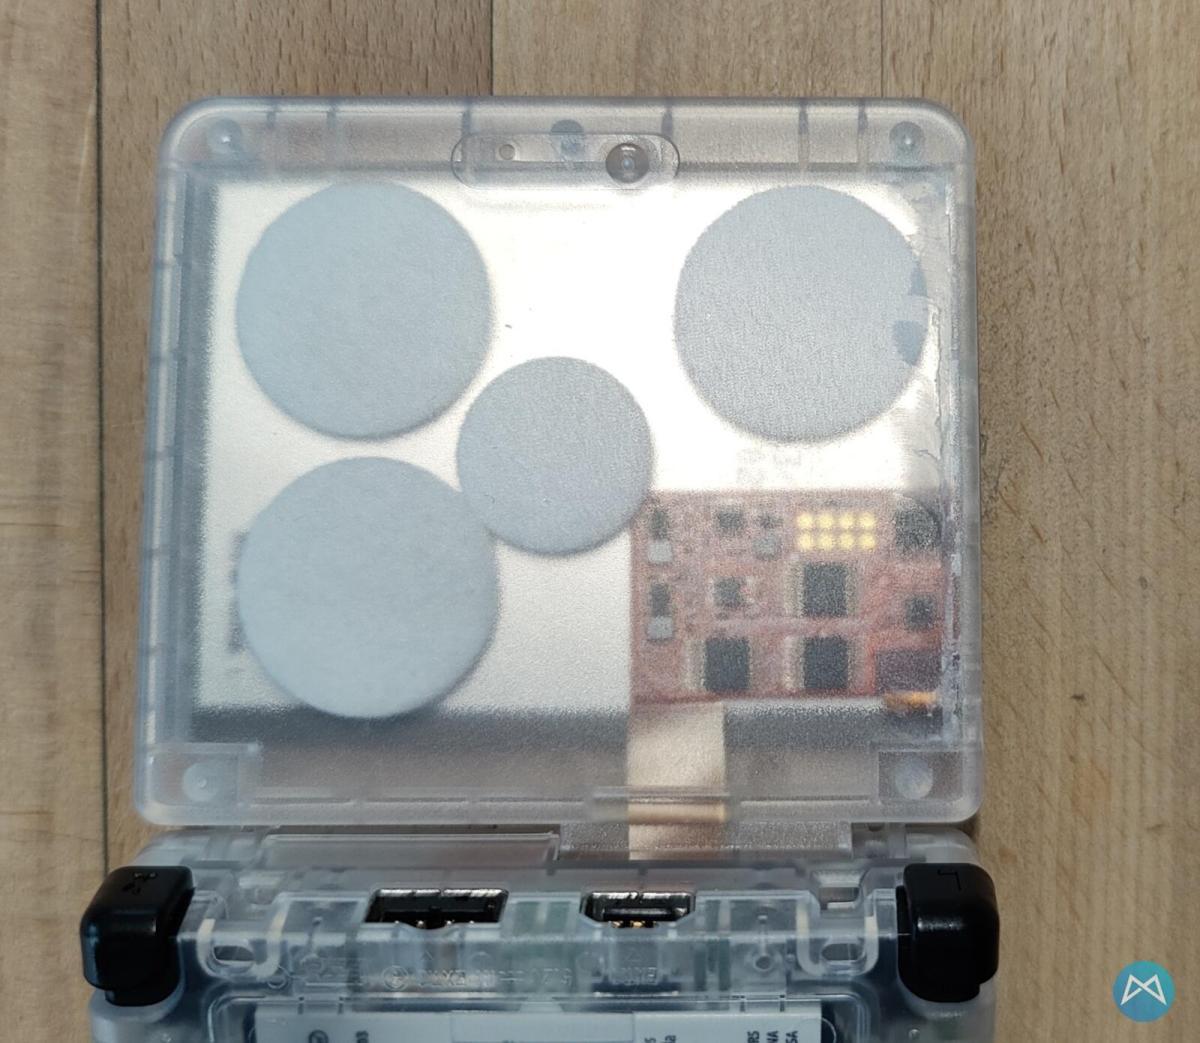 Nintendo Gameboy Advance Sp Display Und Case Umbau (3)